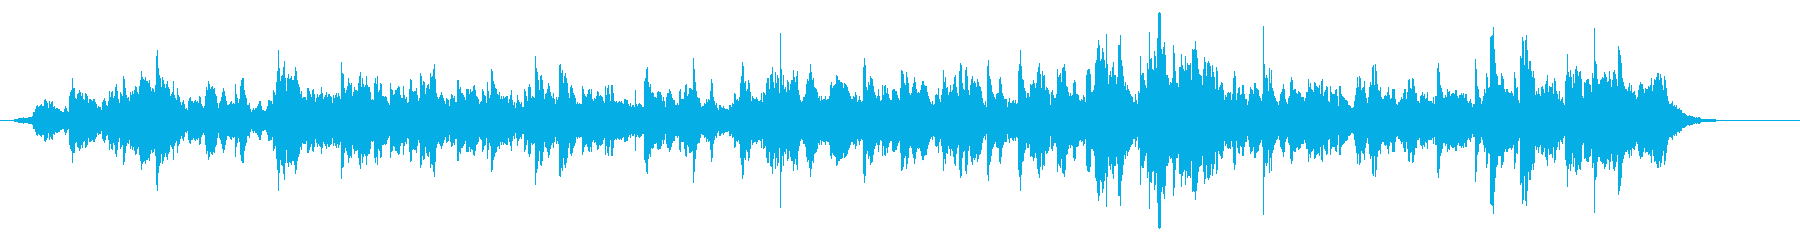 ベル キラキラ リバーブの再生済みの波形